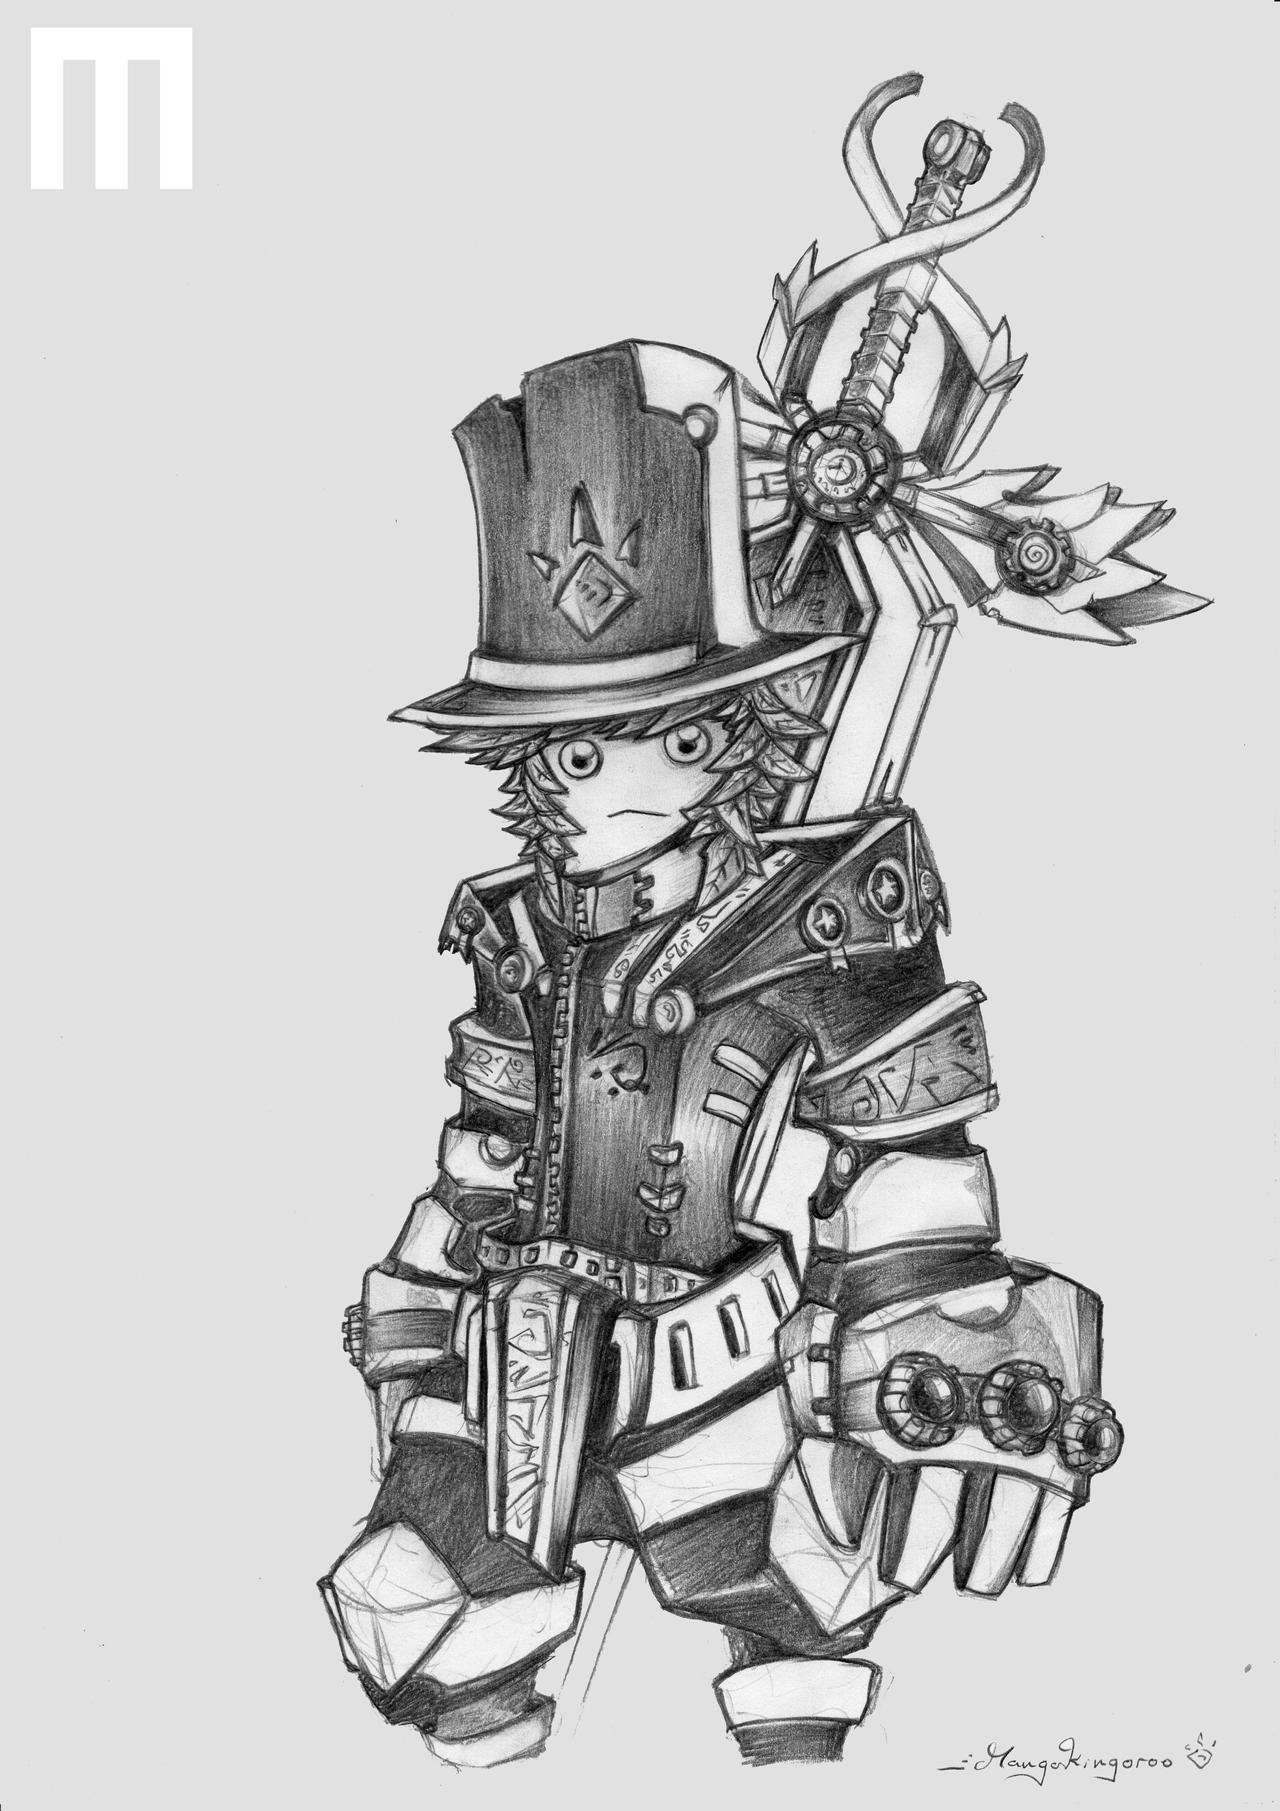 Mangokingoroo, The Imperial General by MangoKingoroo